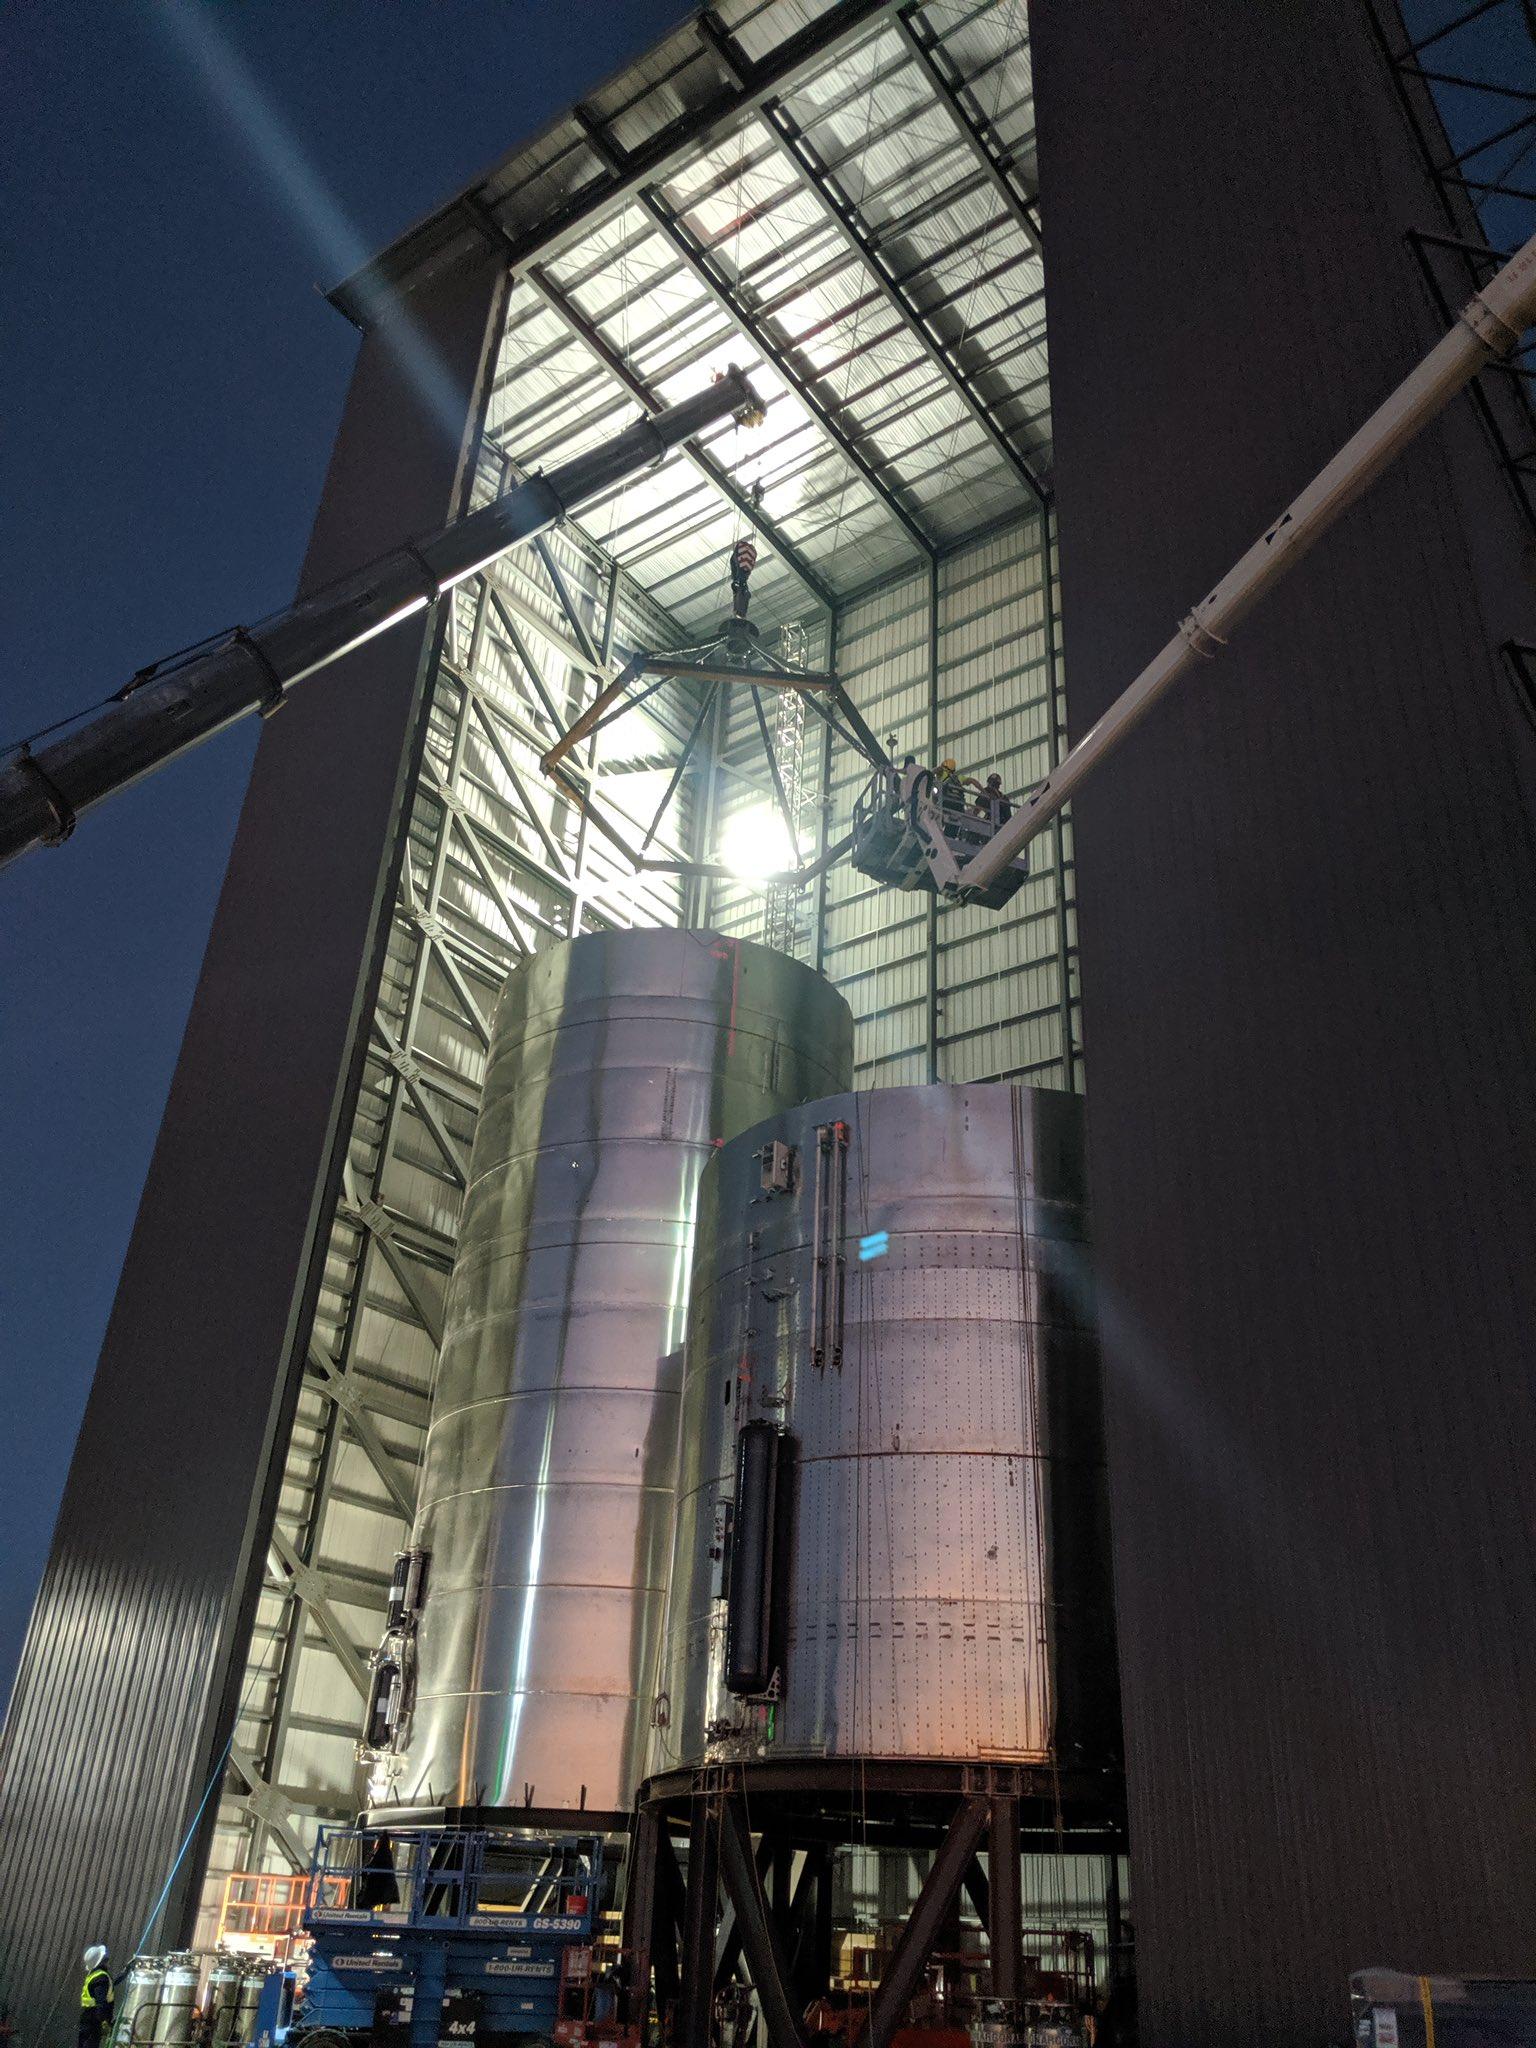 SpaceX провела испытание прототипа Starship SN3, которое закончилось разрушением его элементов - 2